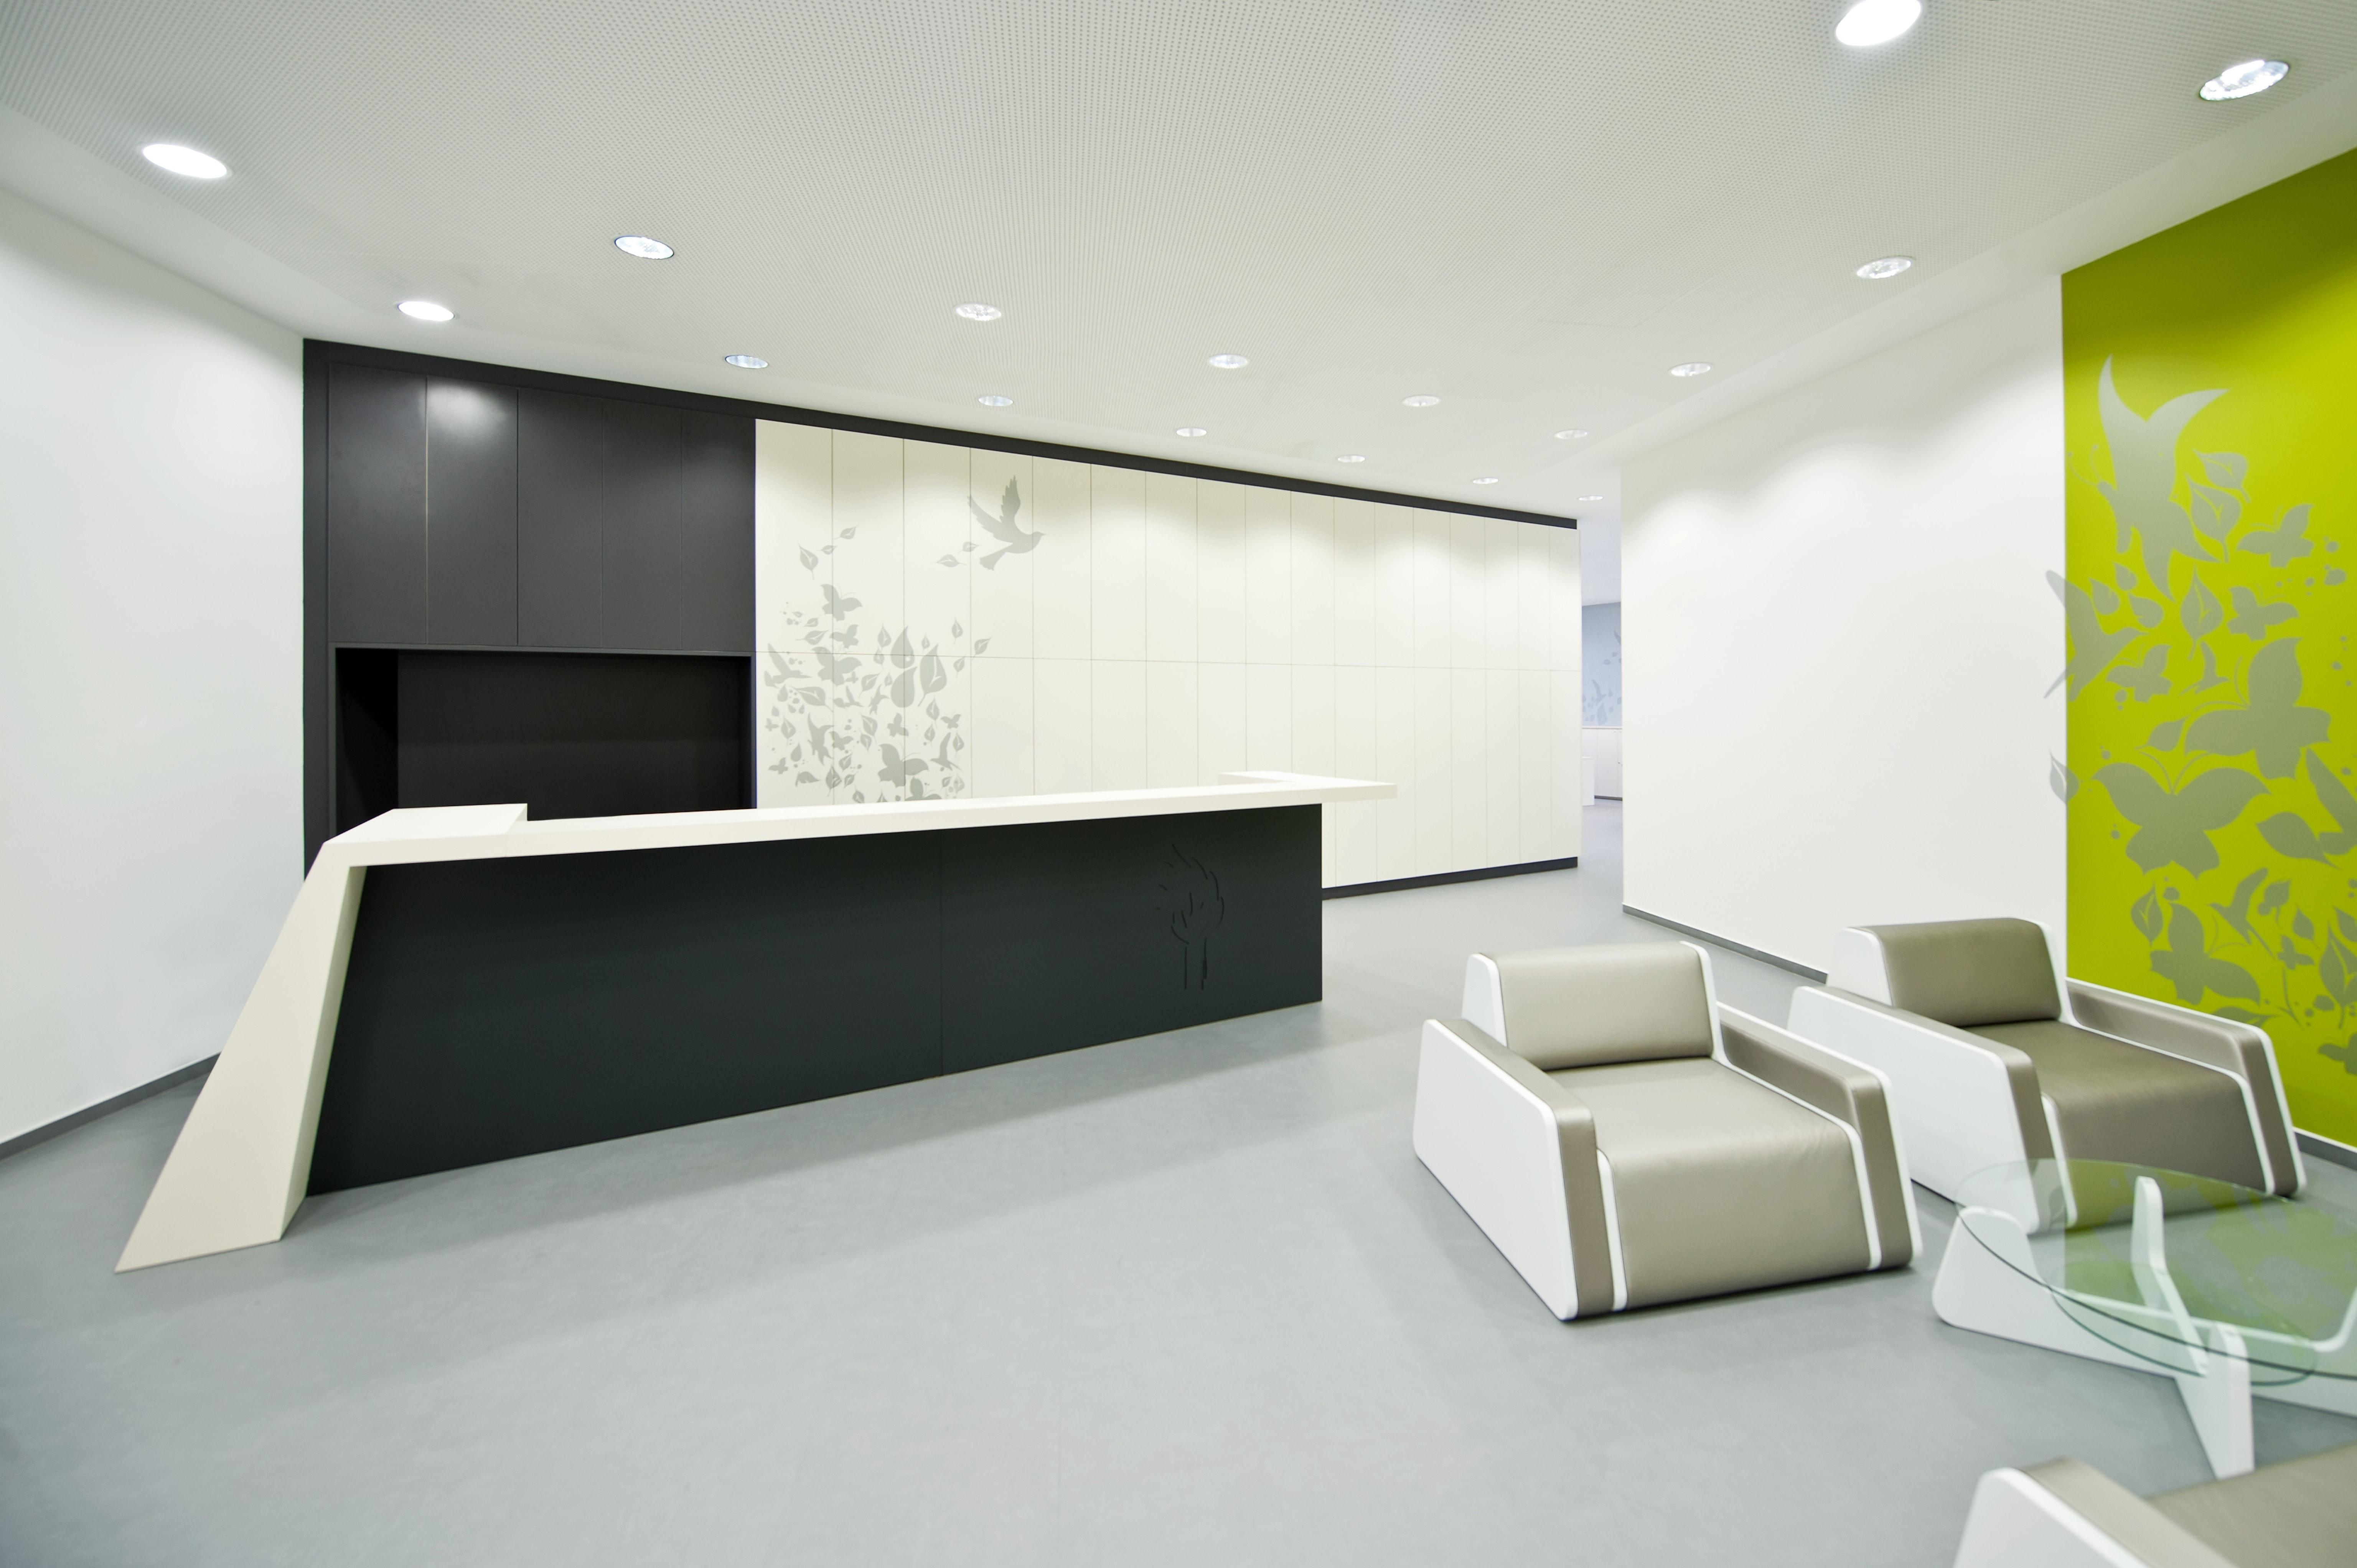 Hm Wohnung In Wien Design Destilat - rockydurham.com -